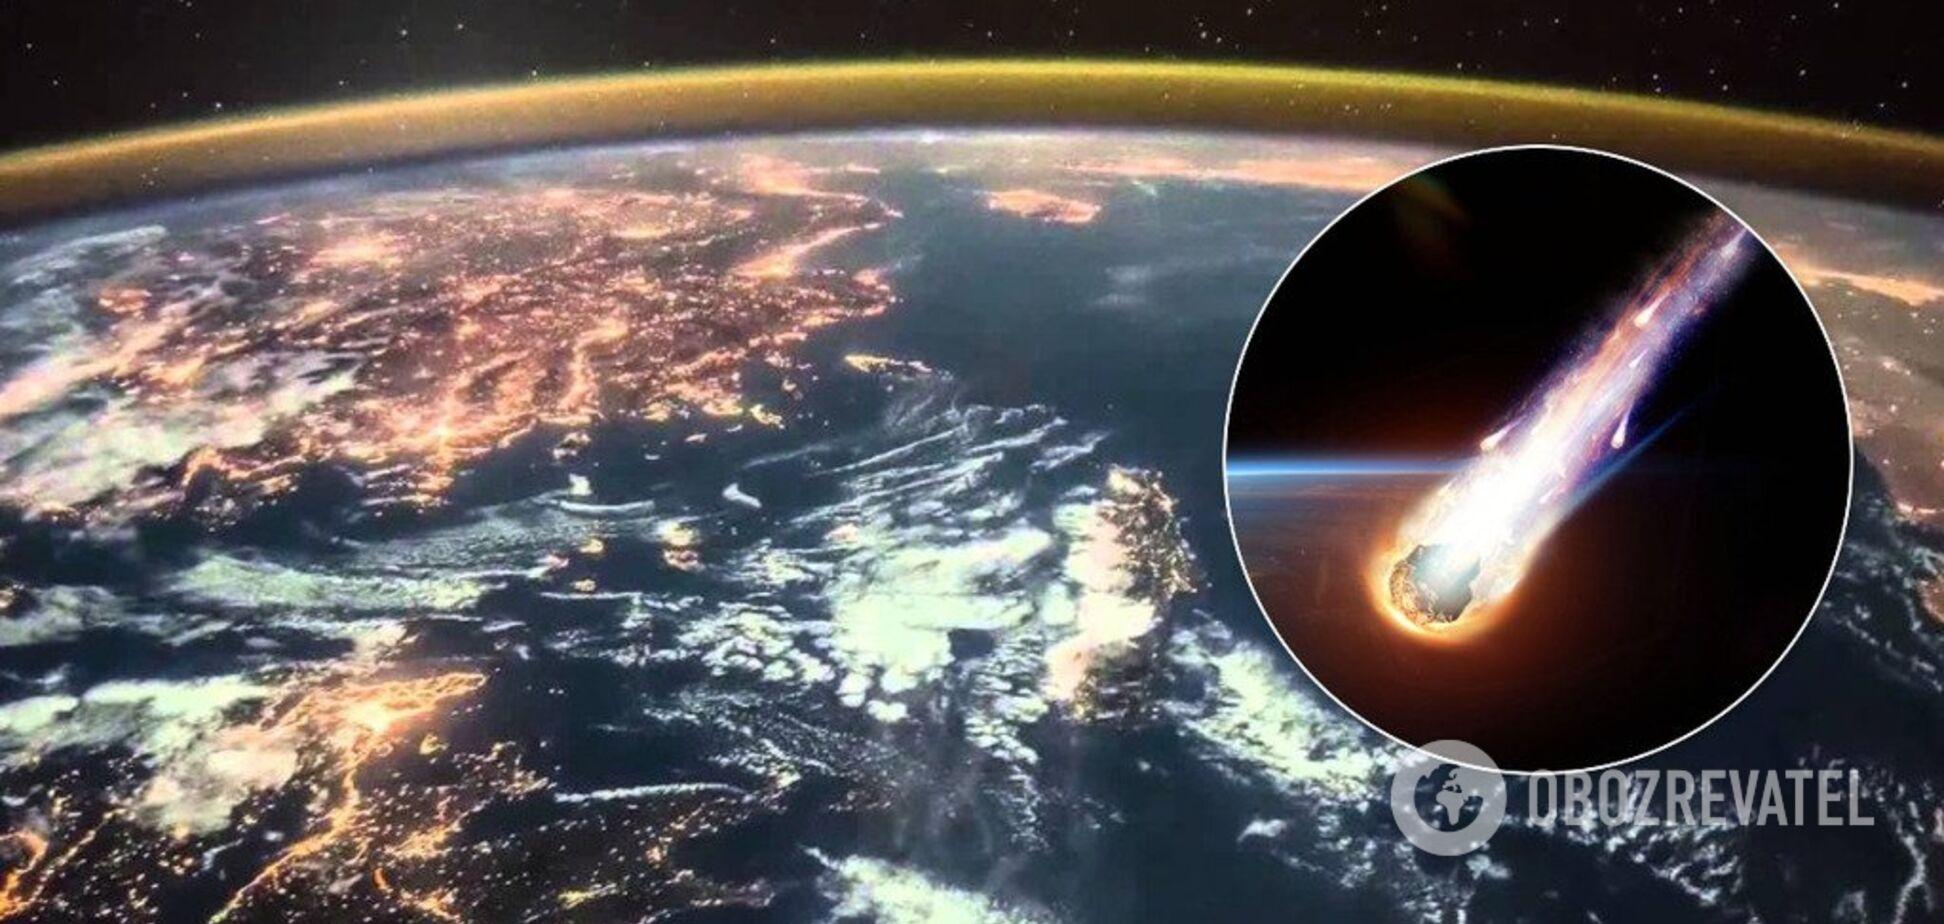 Сонце може померти: маг оцінив нову дату кінця світу